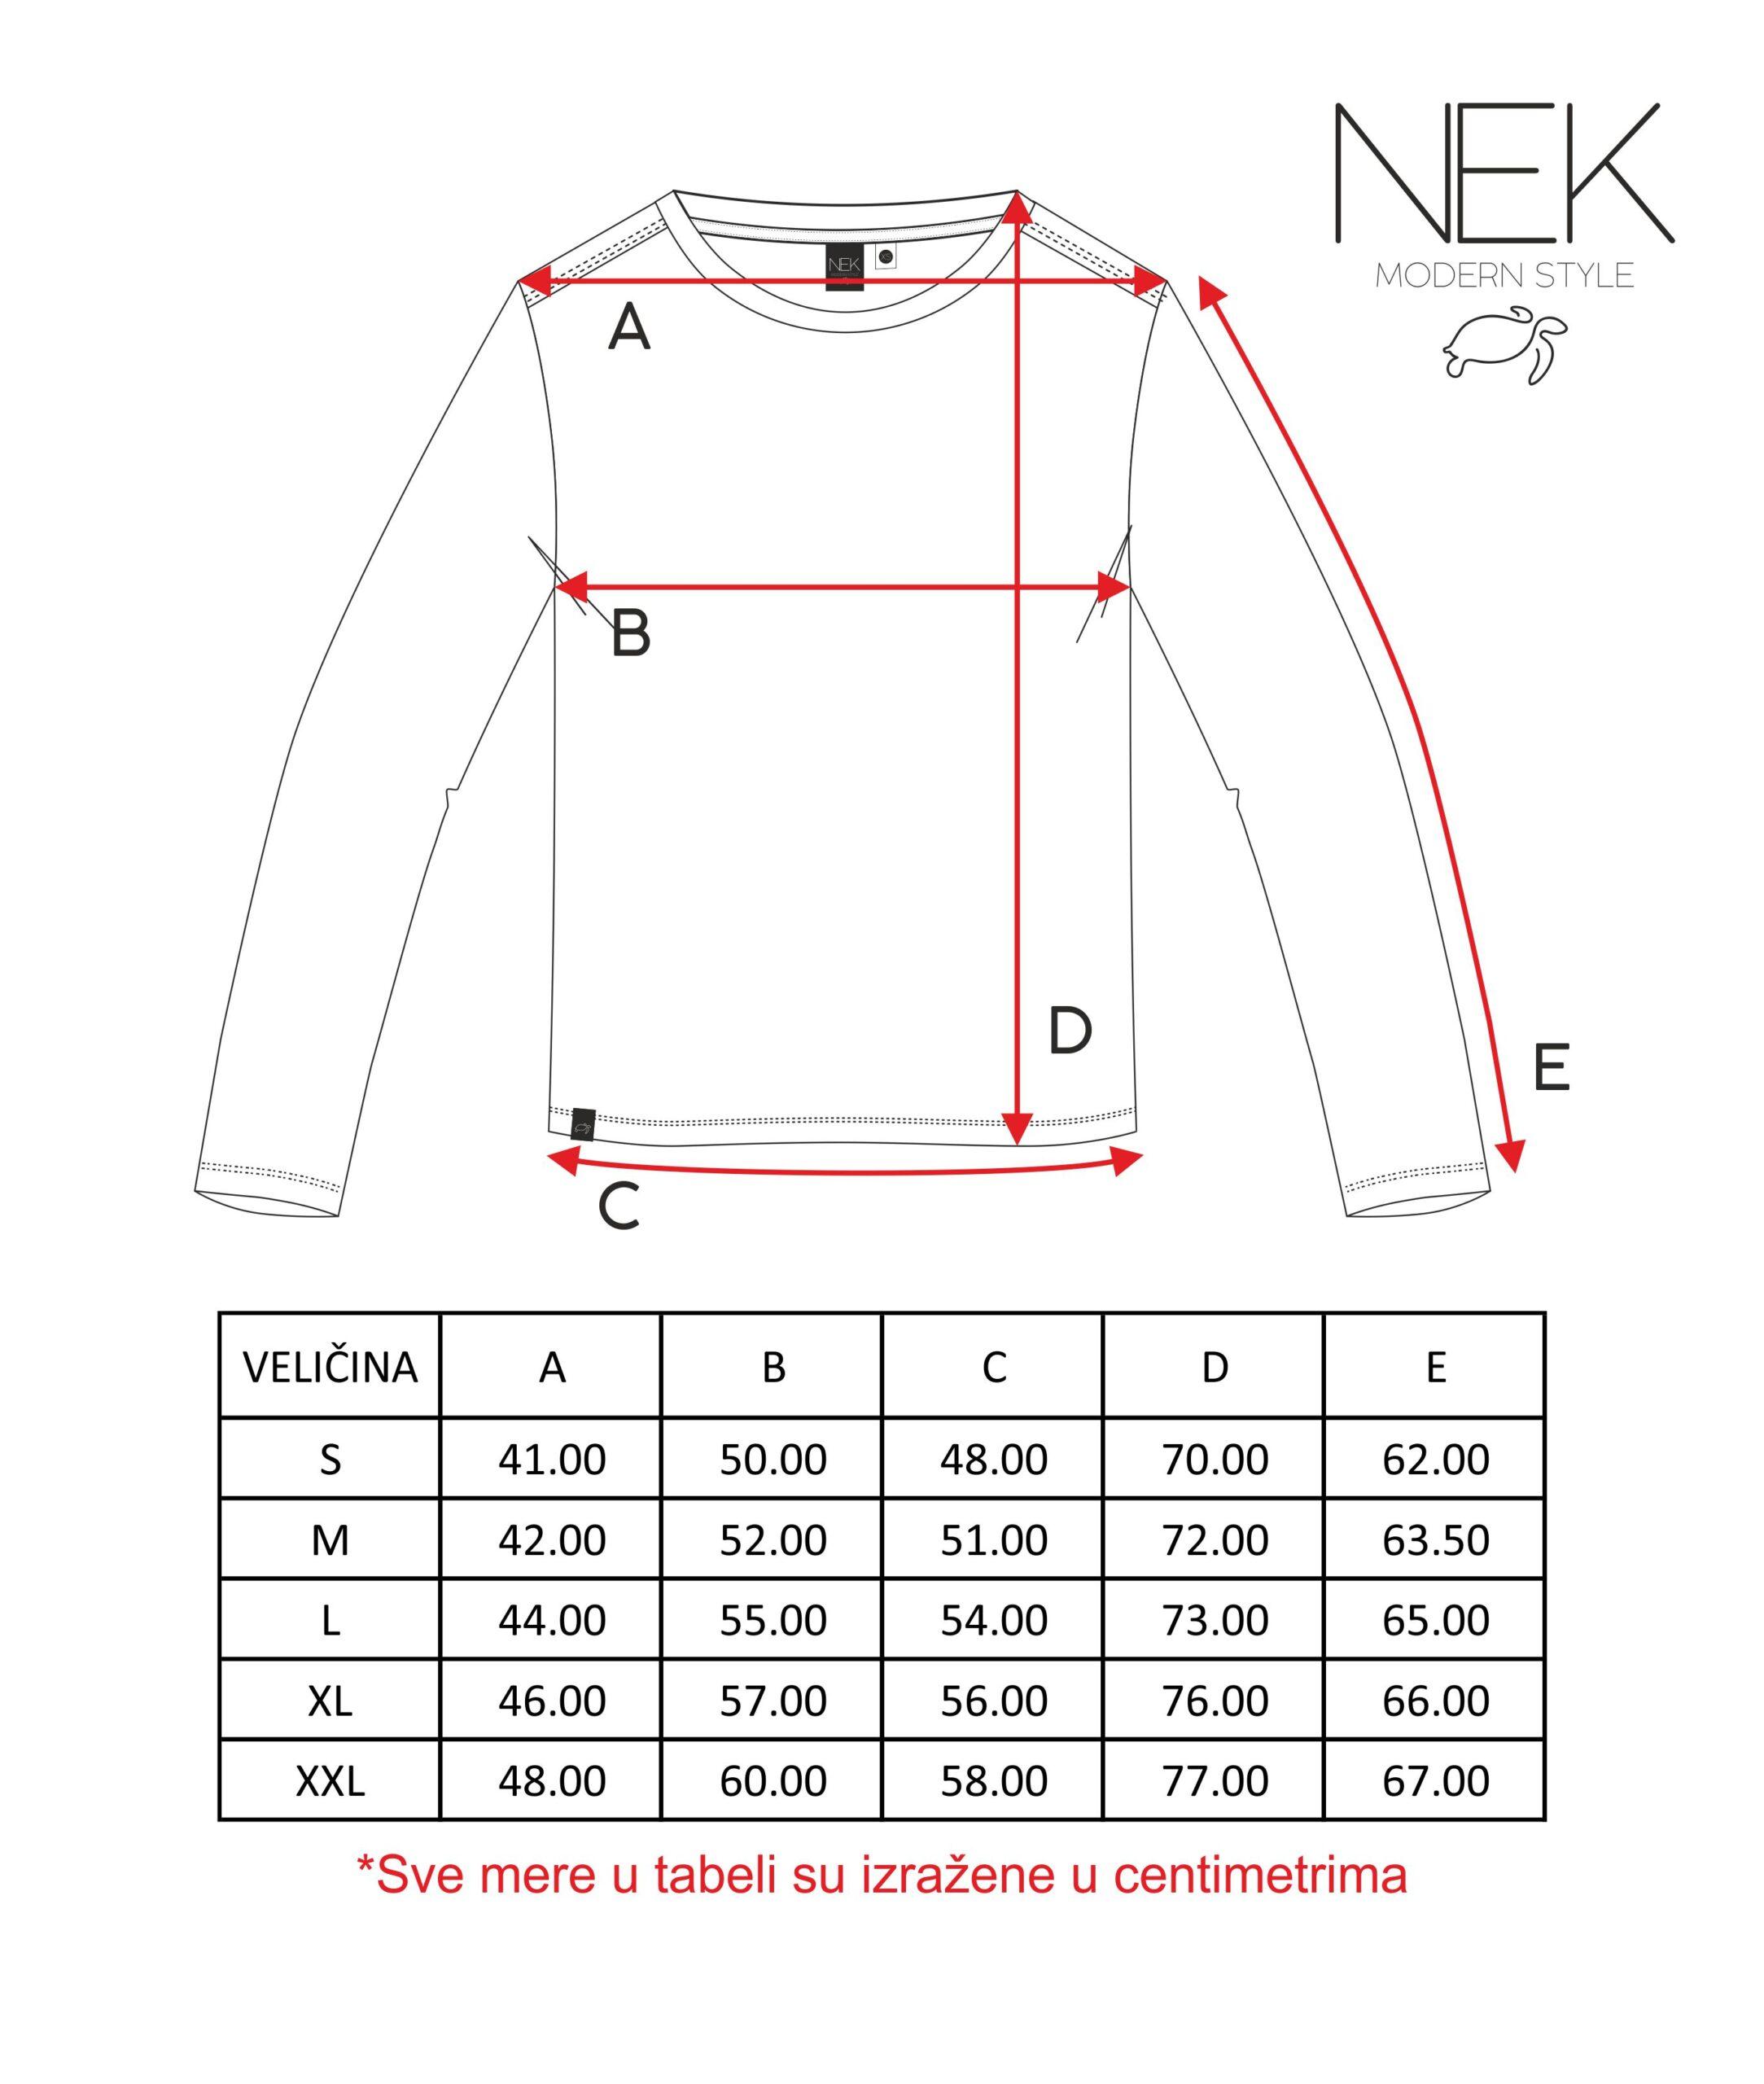 tabele mera za musku majicu